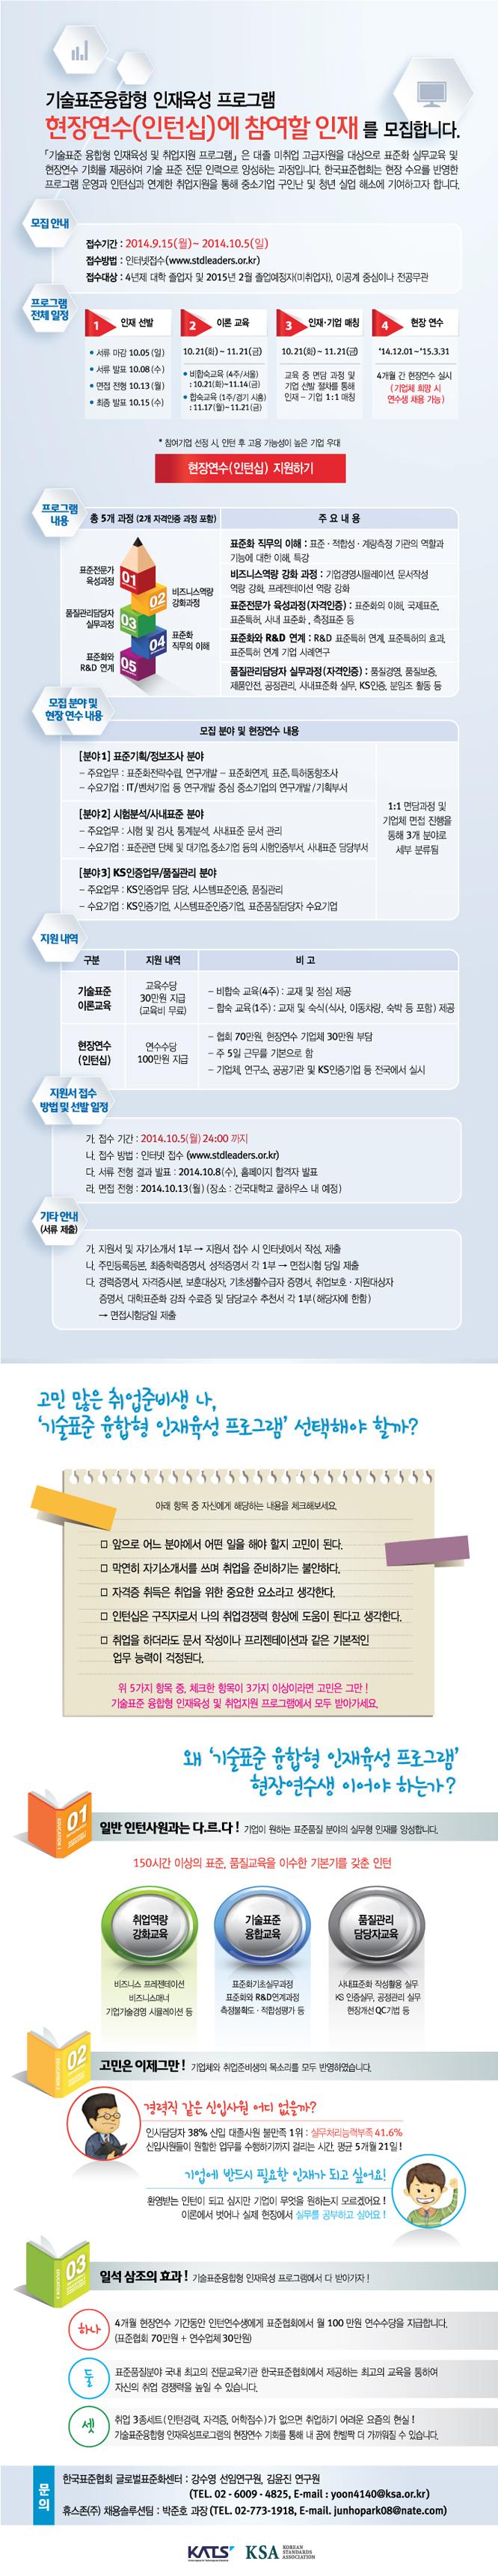 [인턴십연계] 한국표준협회 기술표준융합형 인턴(현장연수생) 모집(~10/05)